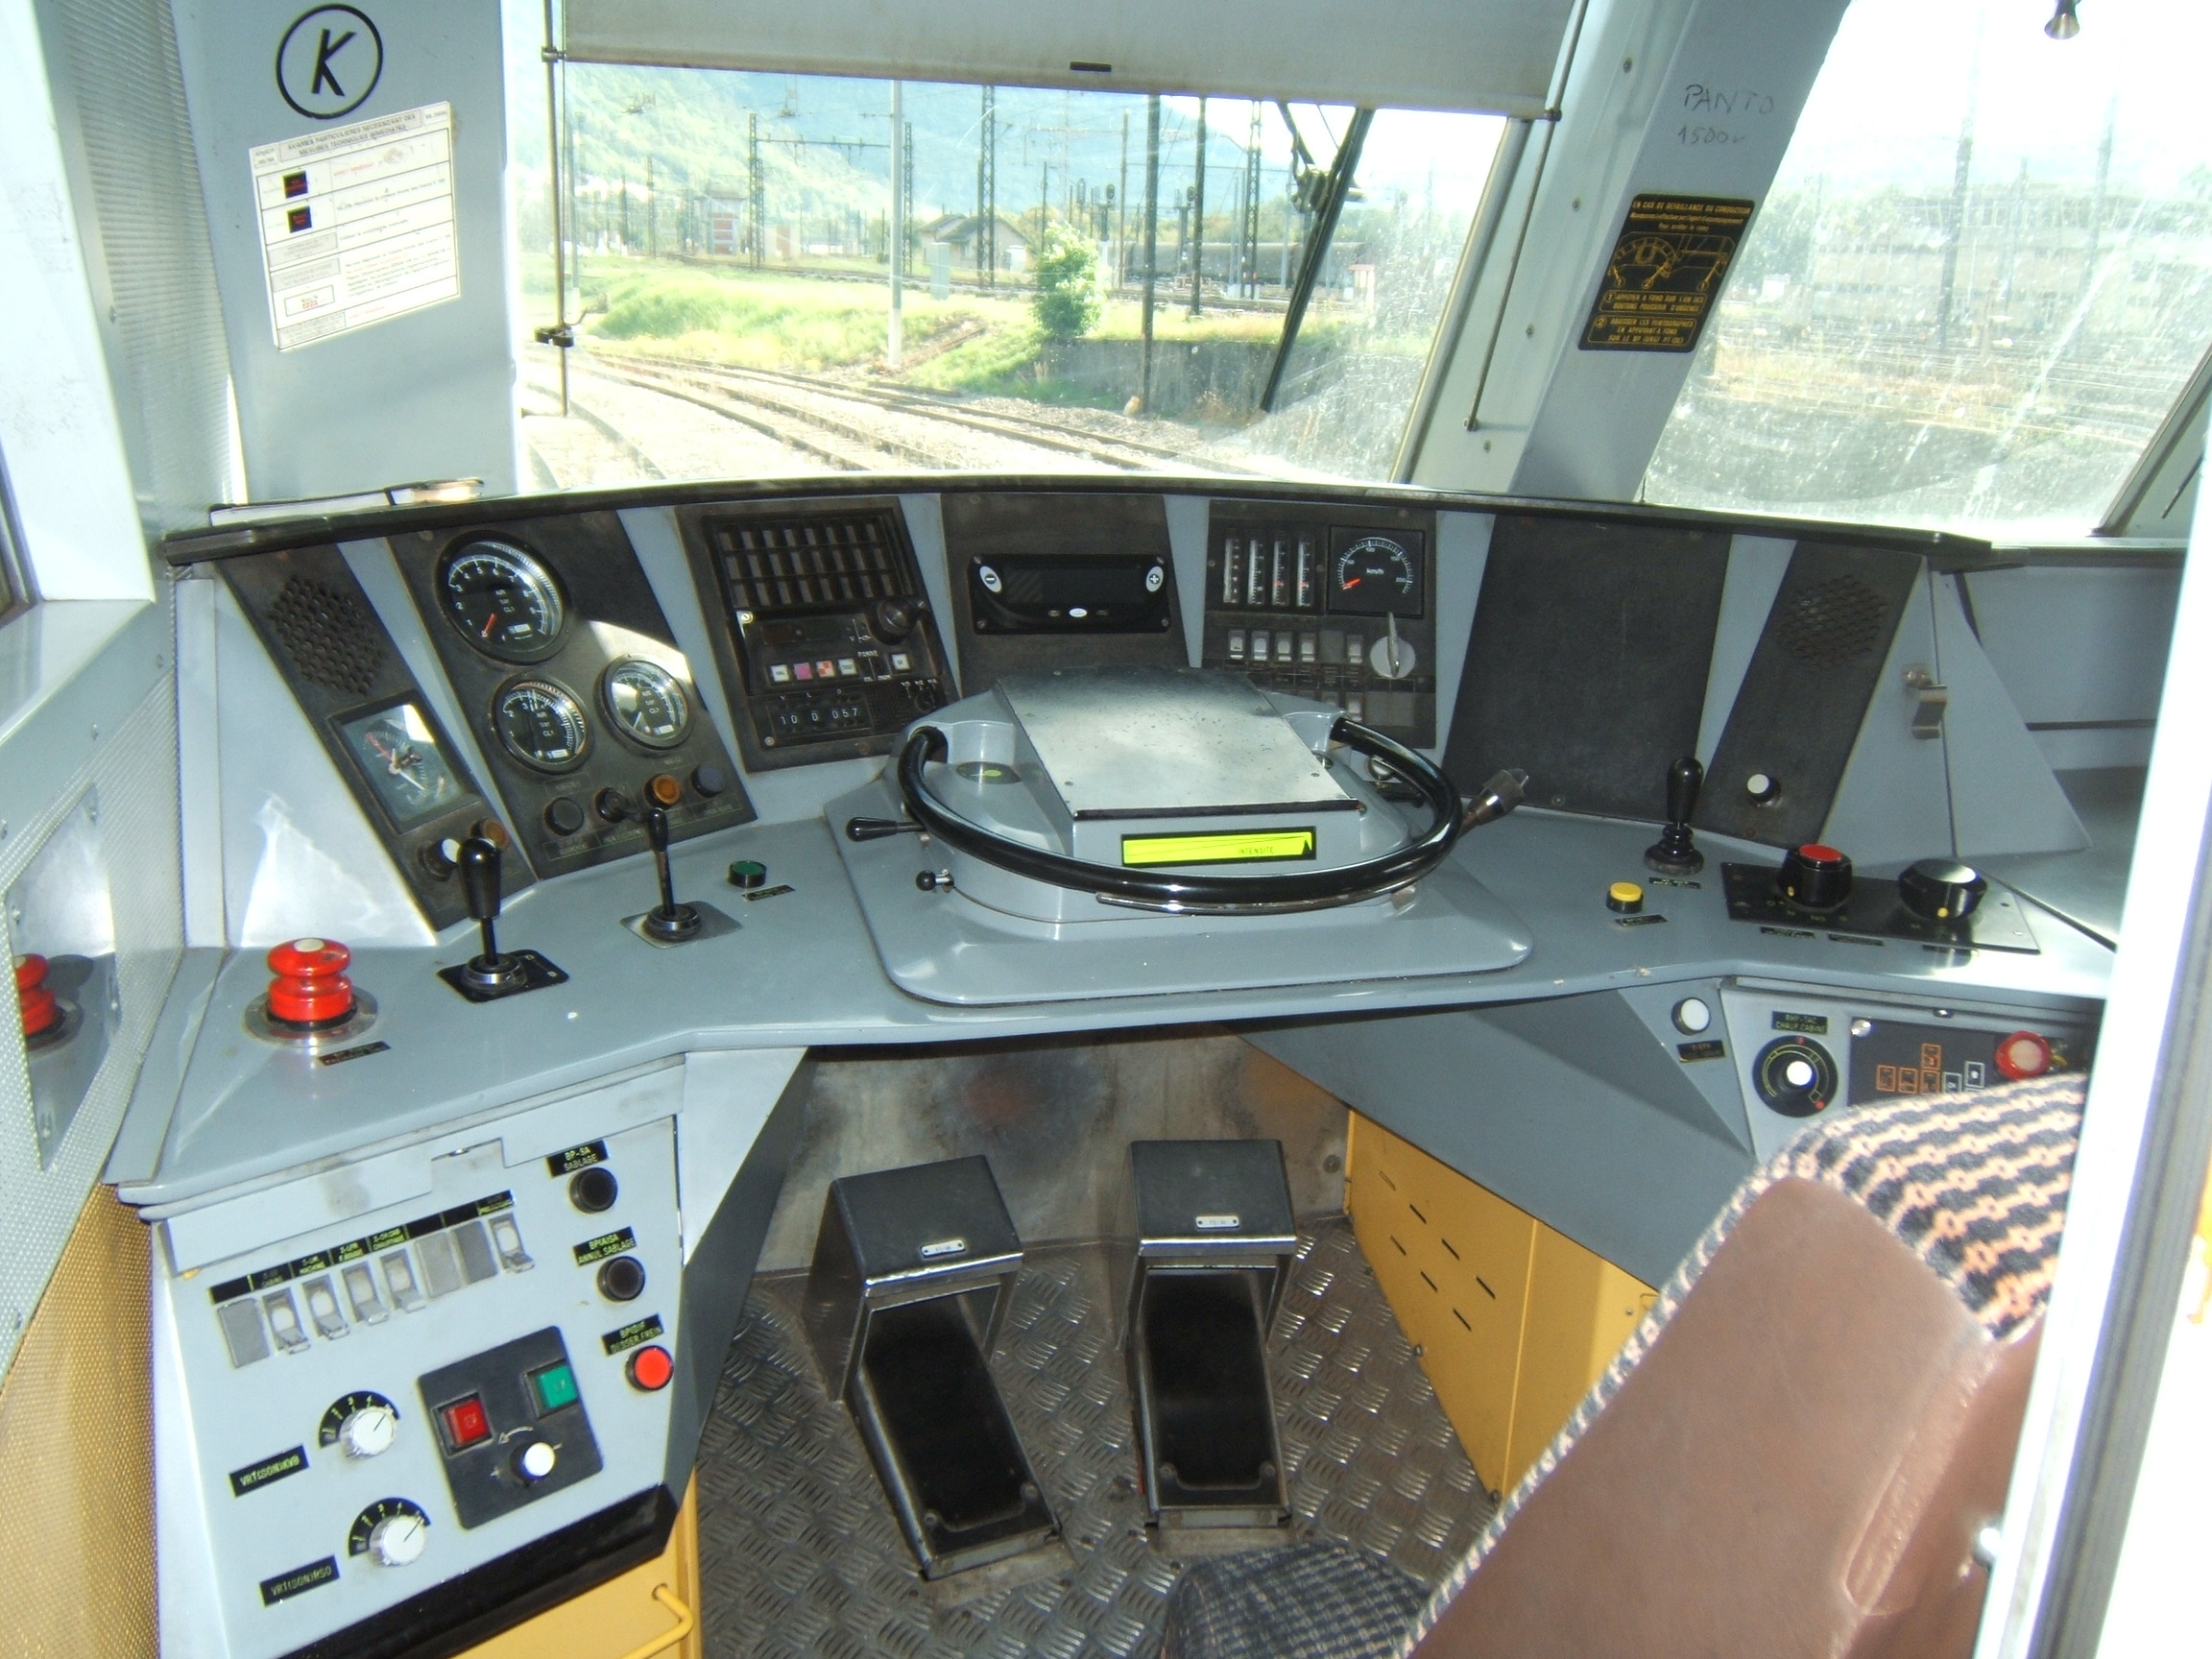 m u00e9tier de conducteur de train   occupation train driver